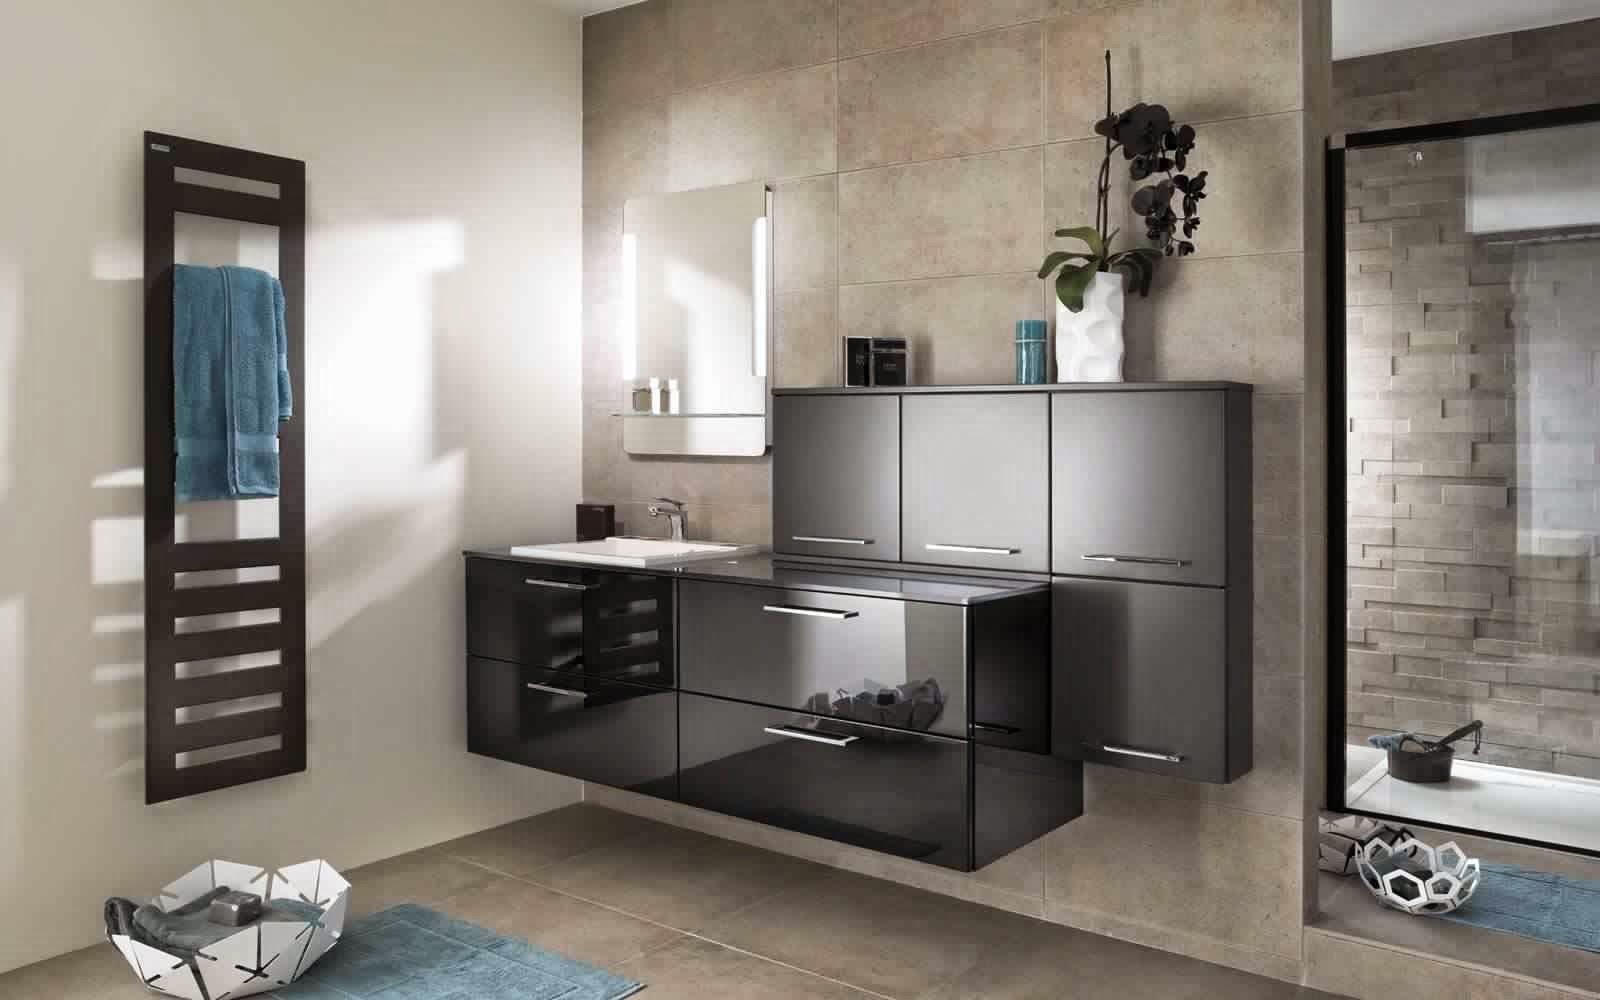 Meuble salle de bain noir meuble d coration maison for Meubles s de bains castorama